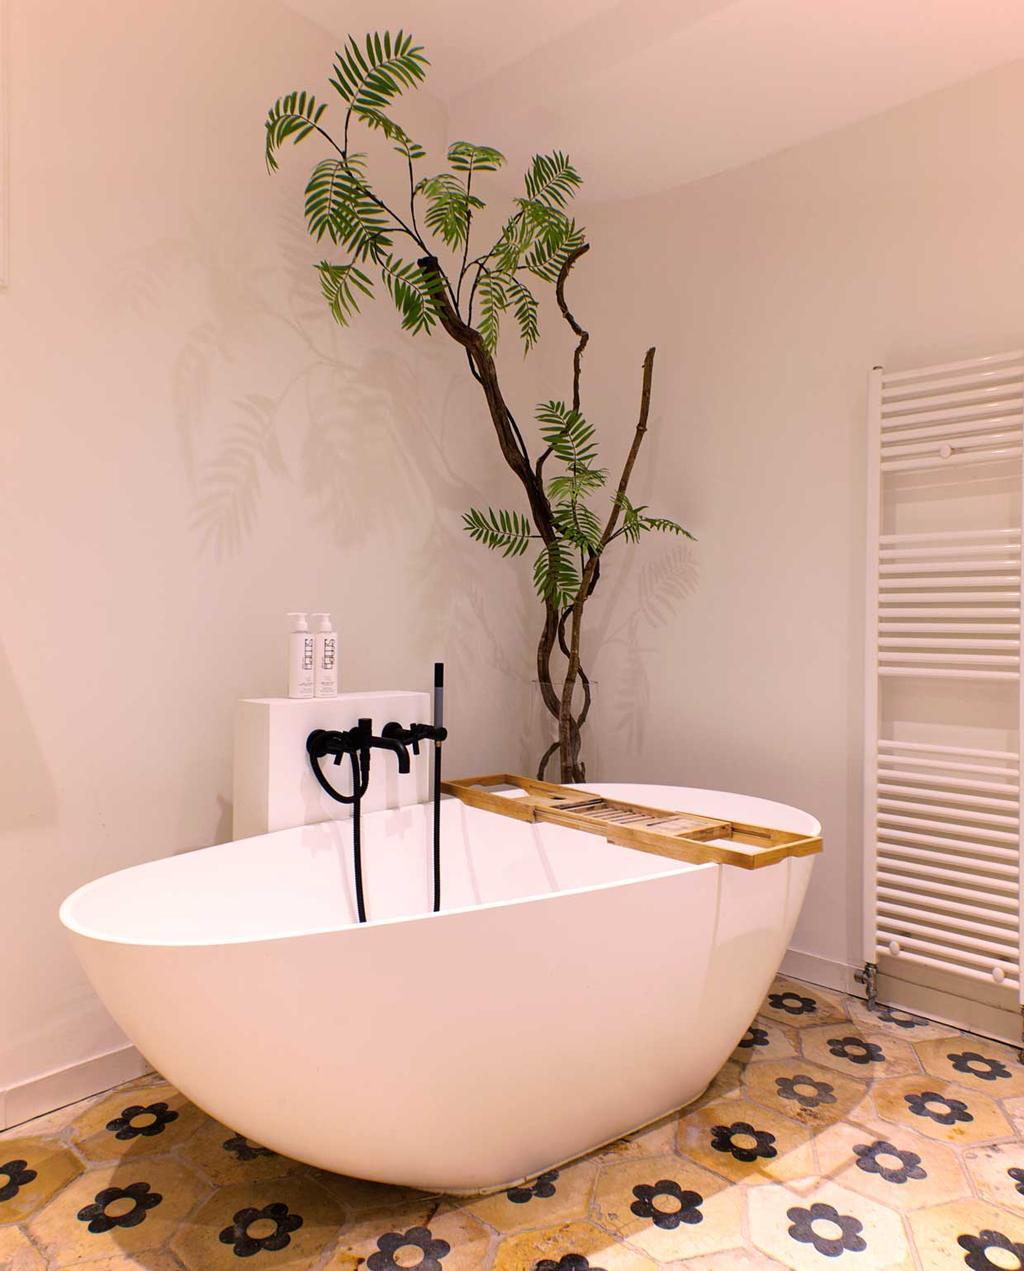 vtwonen binnenkijkspecial 12 | binnenkijken in een herenhuis met een mix van klassiek en design | badkamer